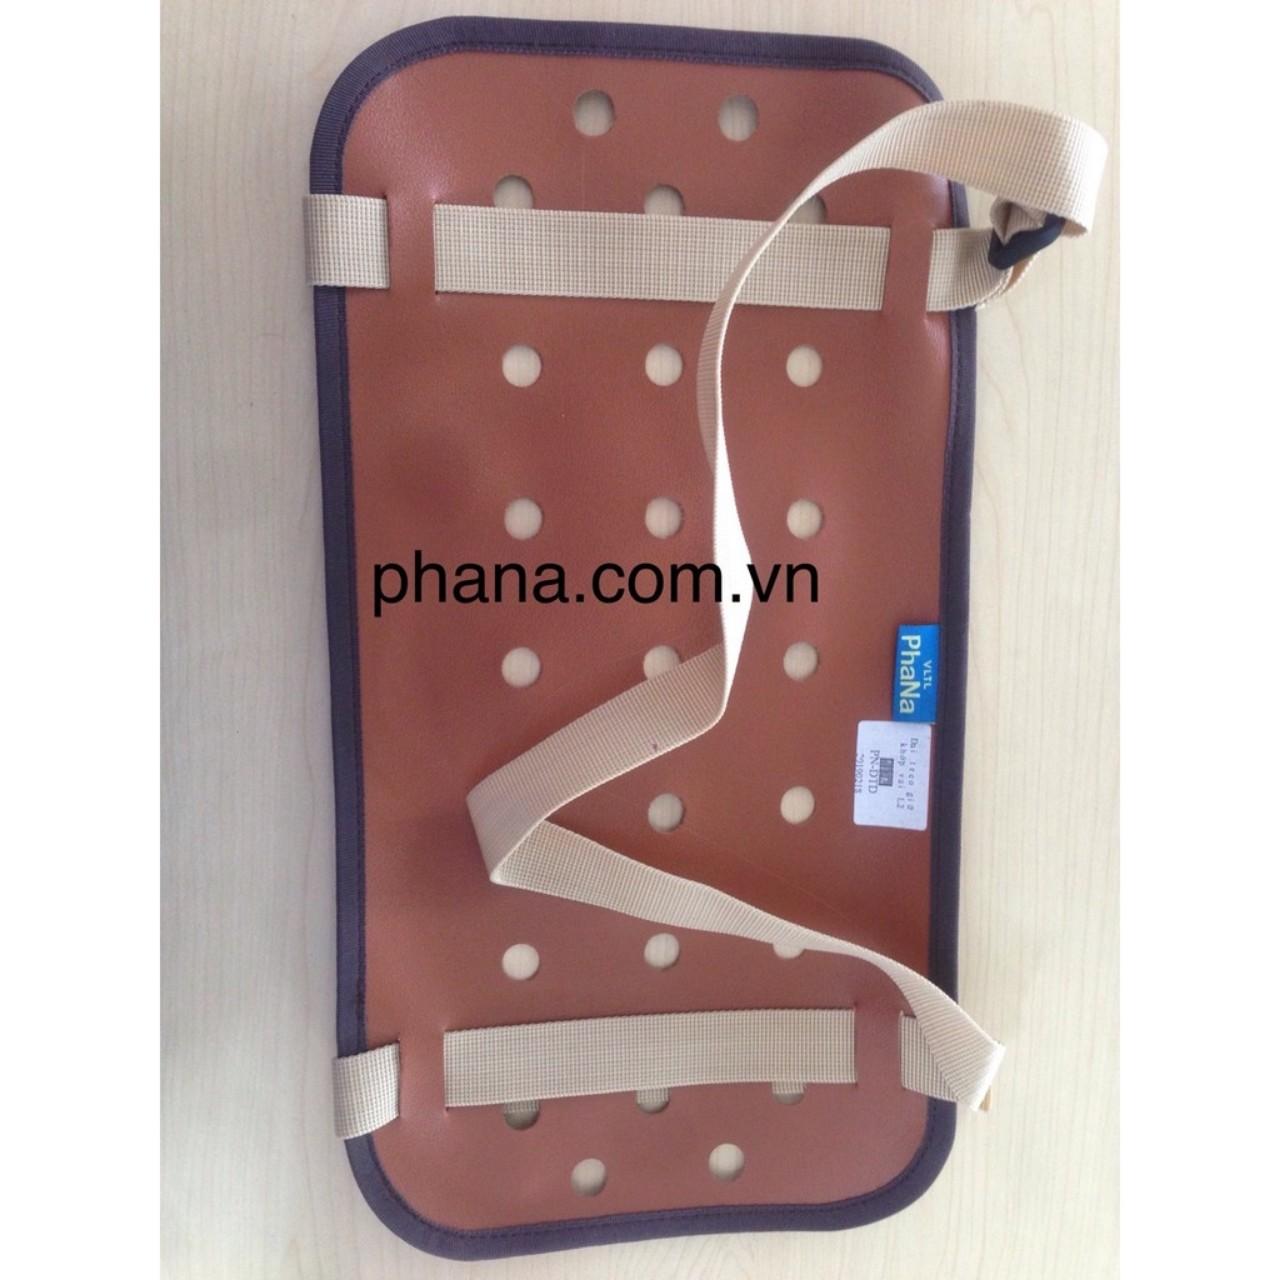 PN-DTD4 -Đai treo giữ khớp vai L4 - PHCN